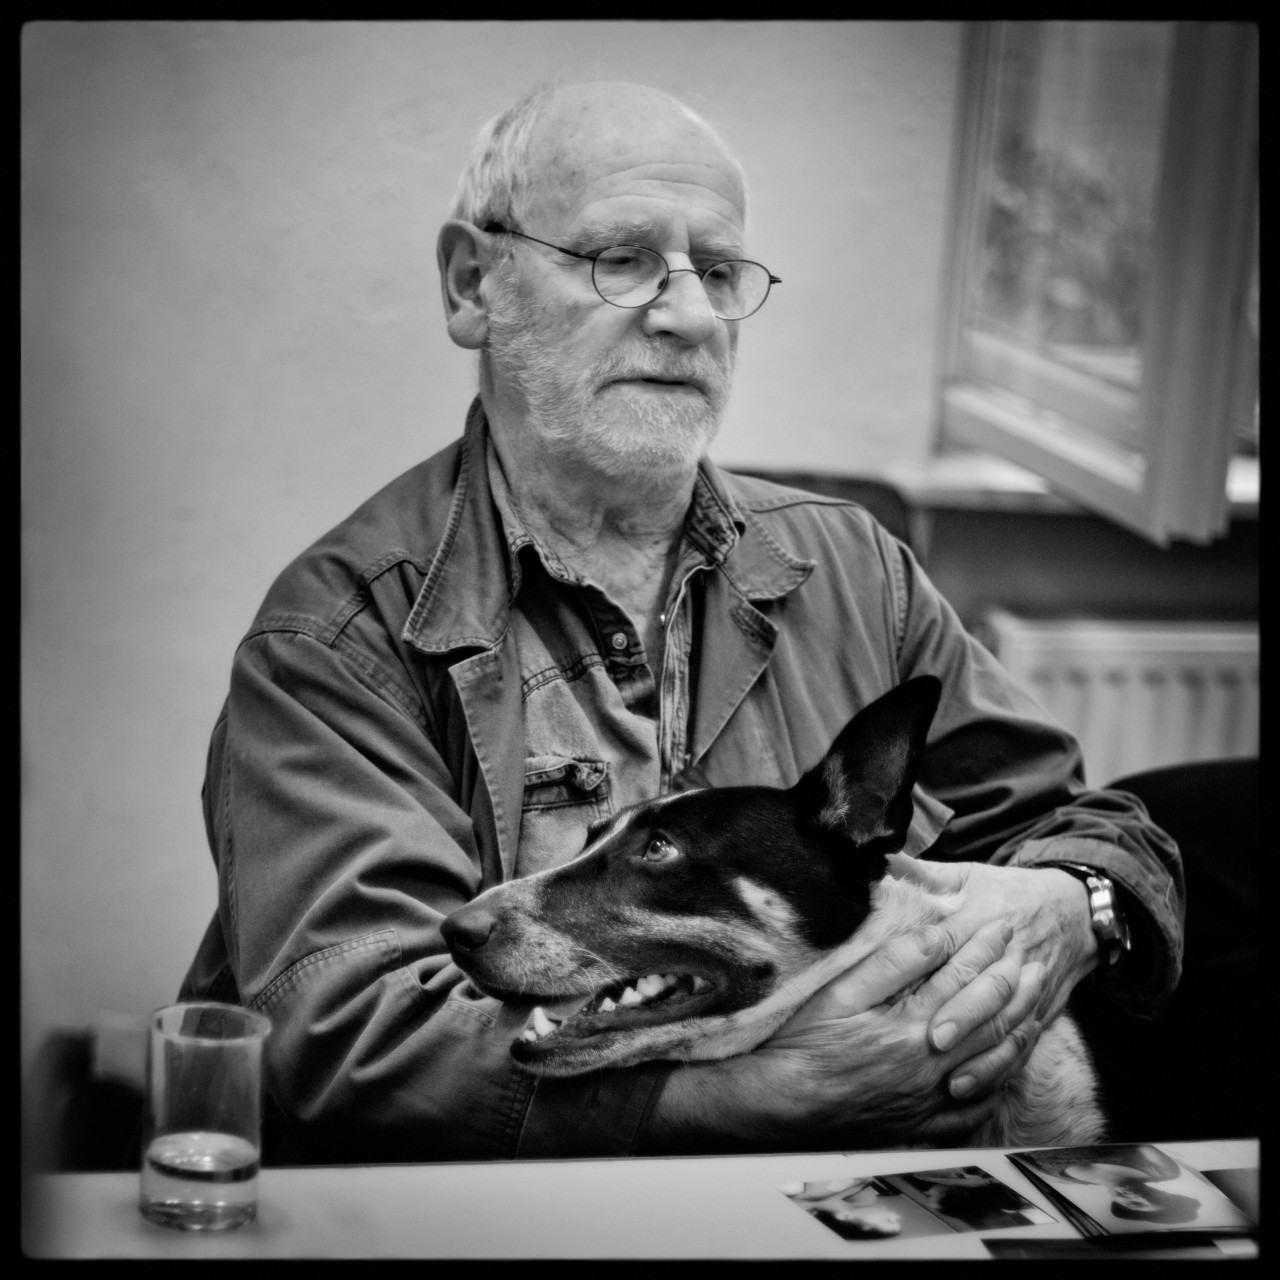 Arno Fischer (photographer)